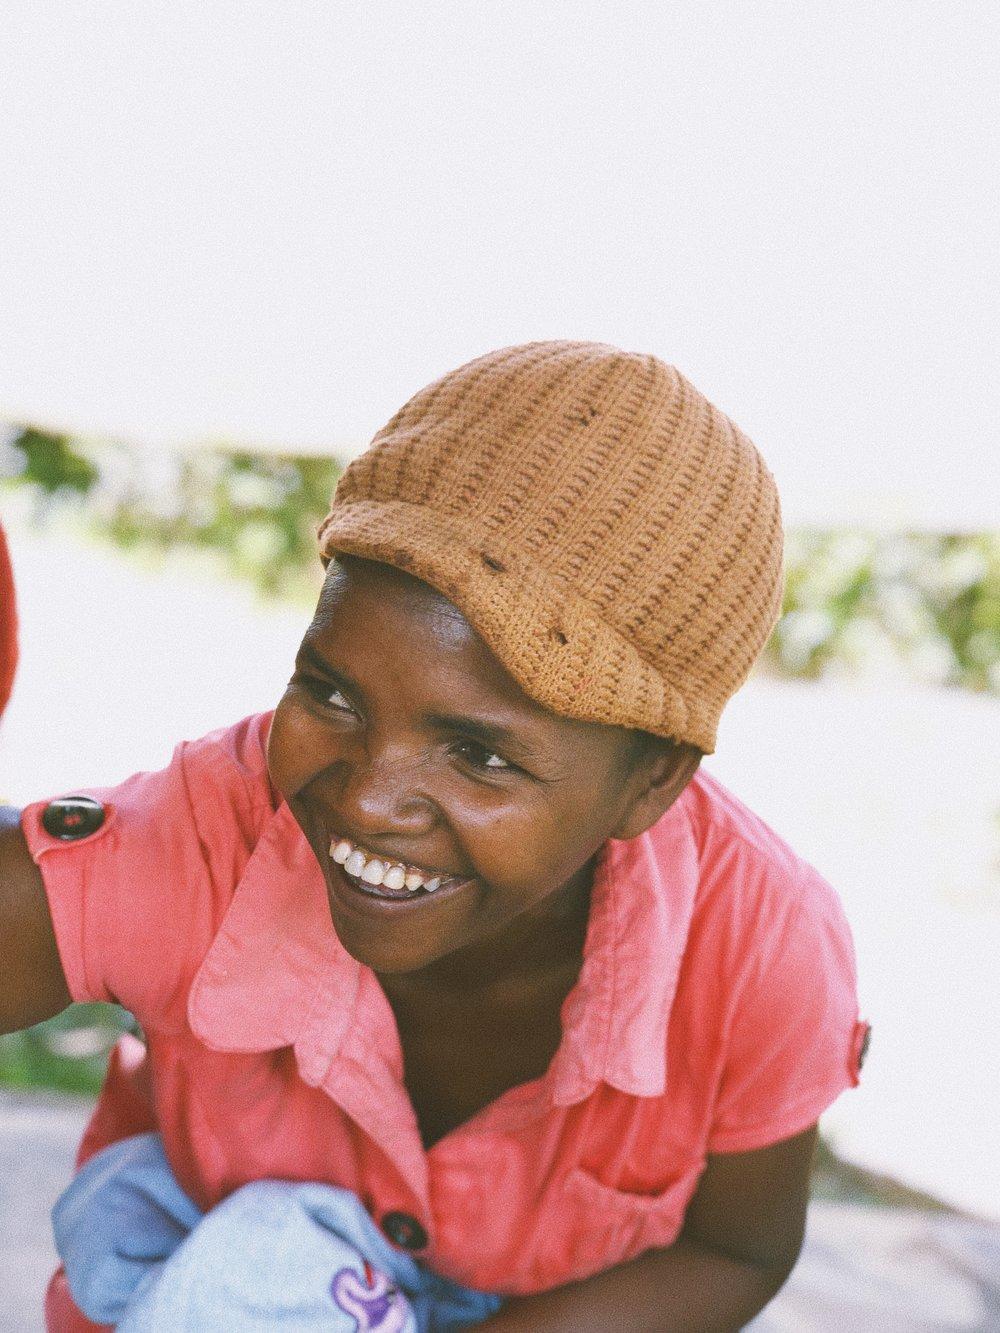 Natalie - Mon rêve est de continuer à pourvoir aux besoins de mes enfants pour qu'ils puissent aller au bout de leurs études.La broderie m'aide à avoir un revenu stable qui me permet de prendre soin de ma famille. Personnellement elle m'apporte de la joie et de la satisfaction lorsque mes créations plaisent à mes clients.